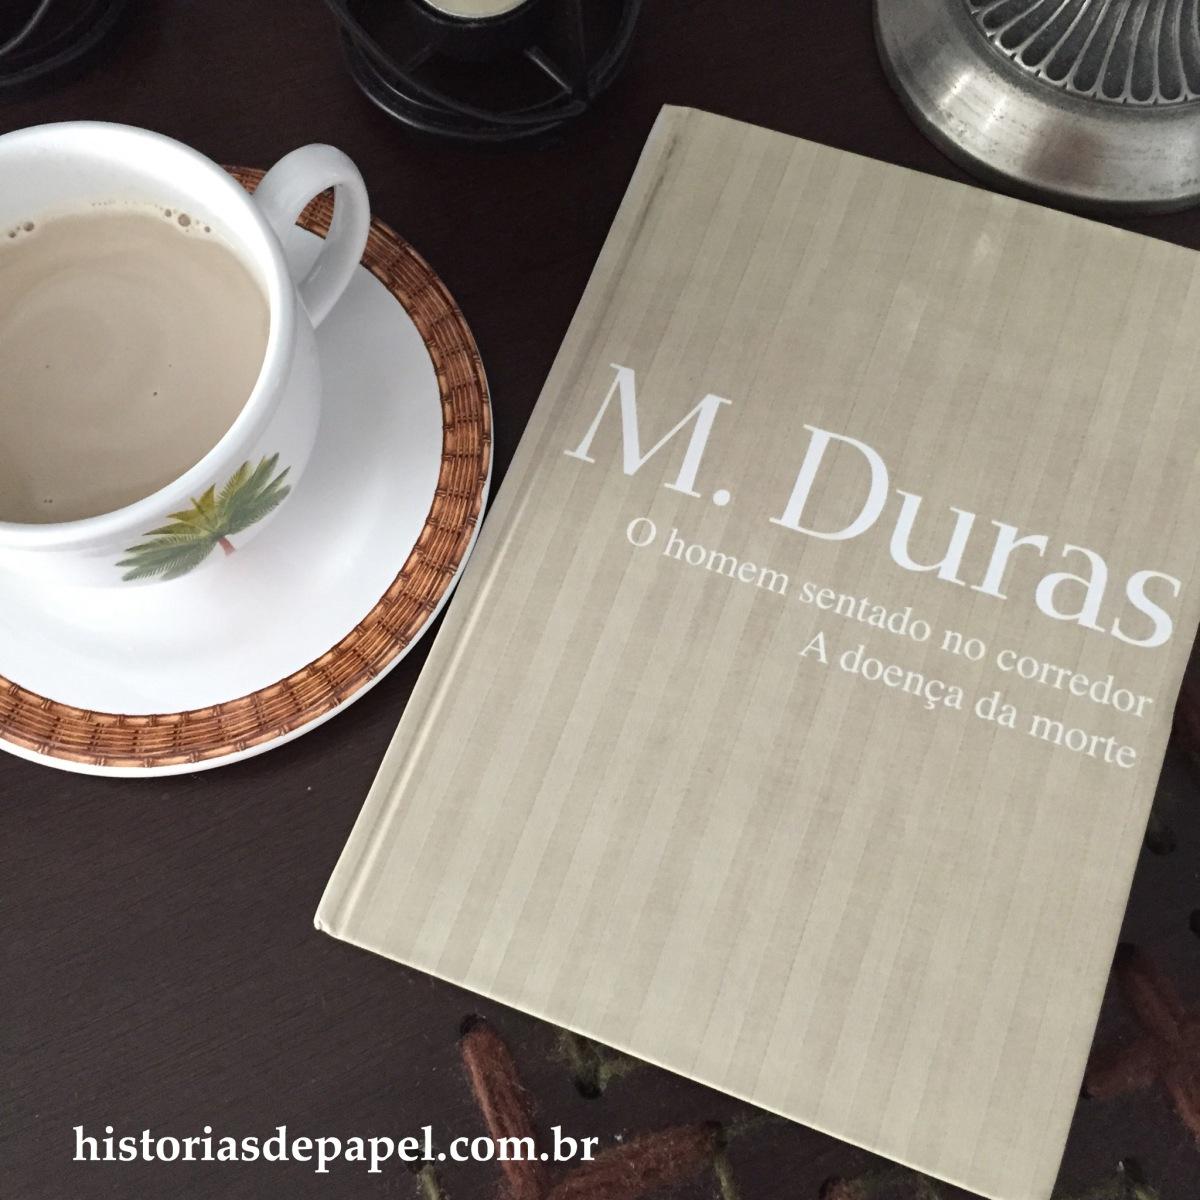 O Homem sentado no corredor - A doença da morte, Marguerite Duras